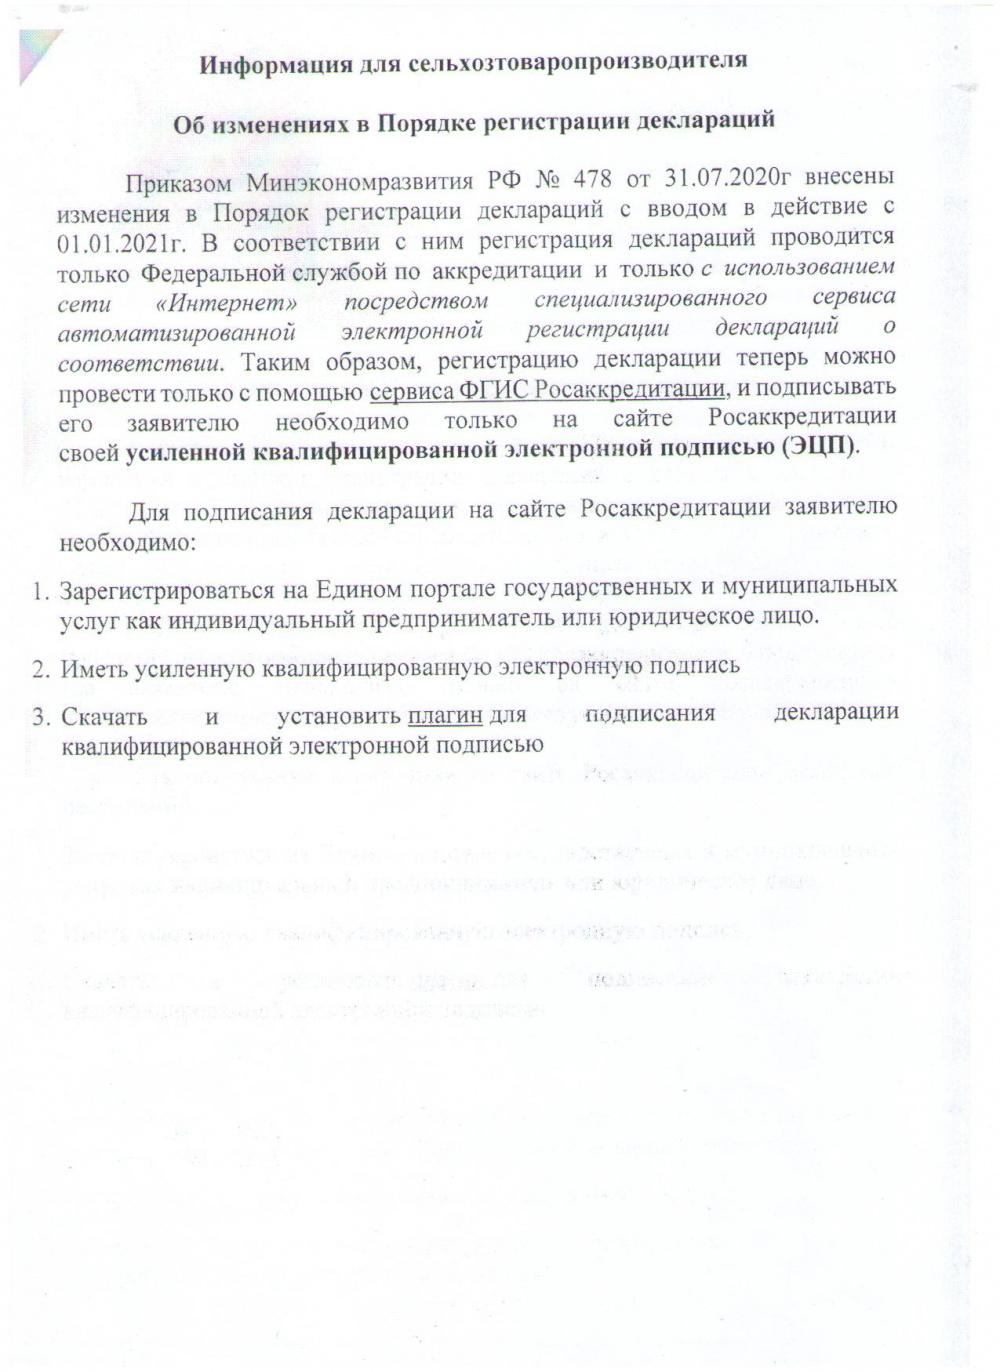 Информация для сельхозтоваропроизводителя об изменениях в Порядке регистрации деклараций